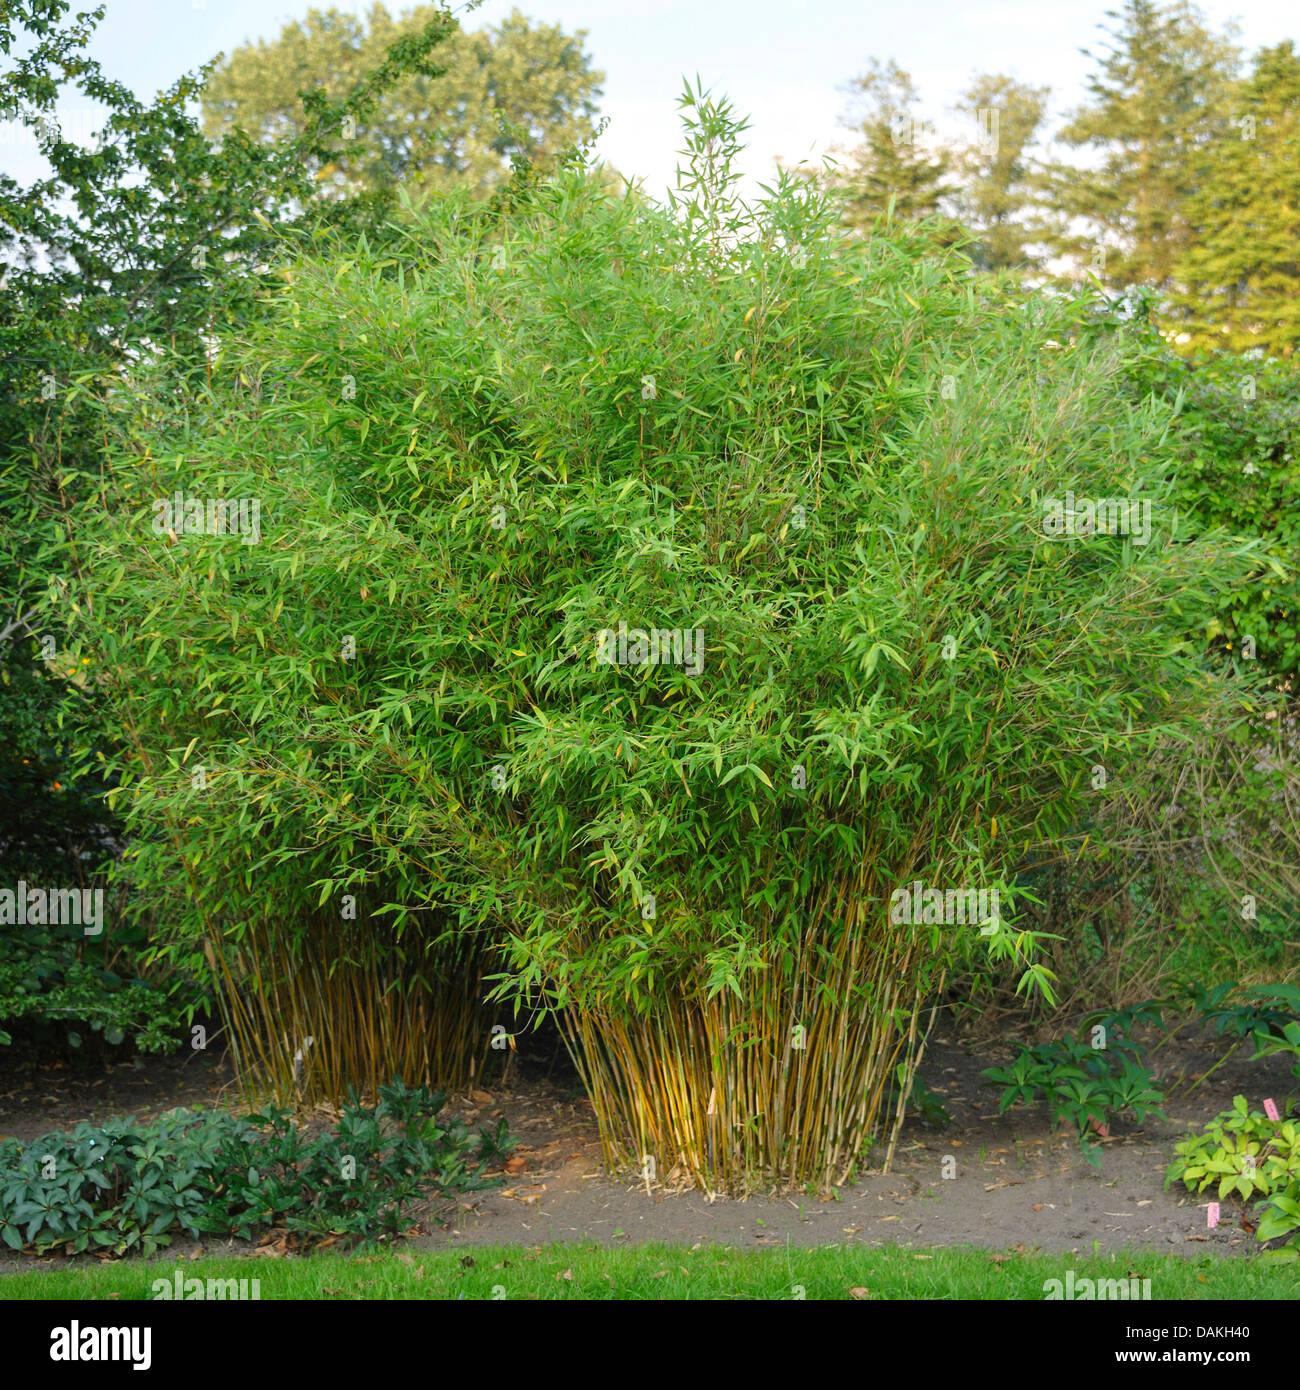 Fargesia murielae stockfotos fargesia murielae bilder for Garten bambus